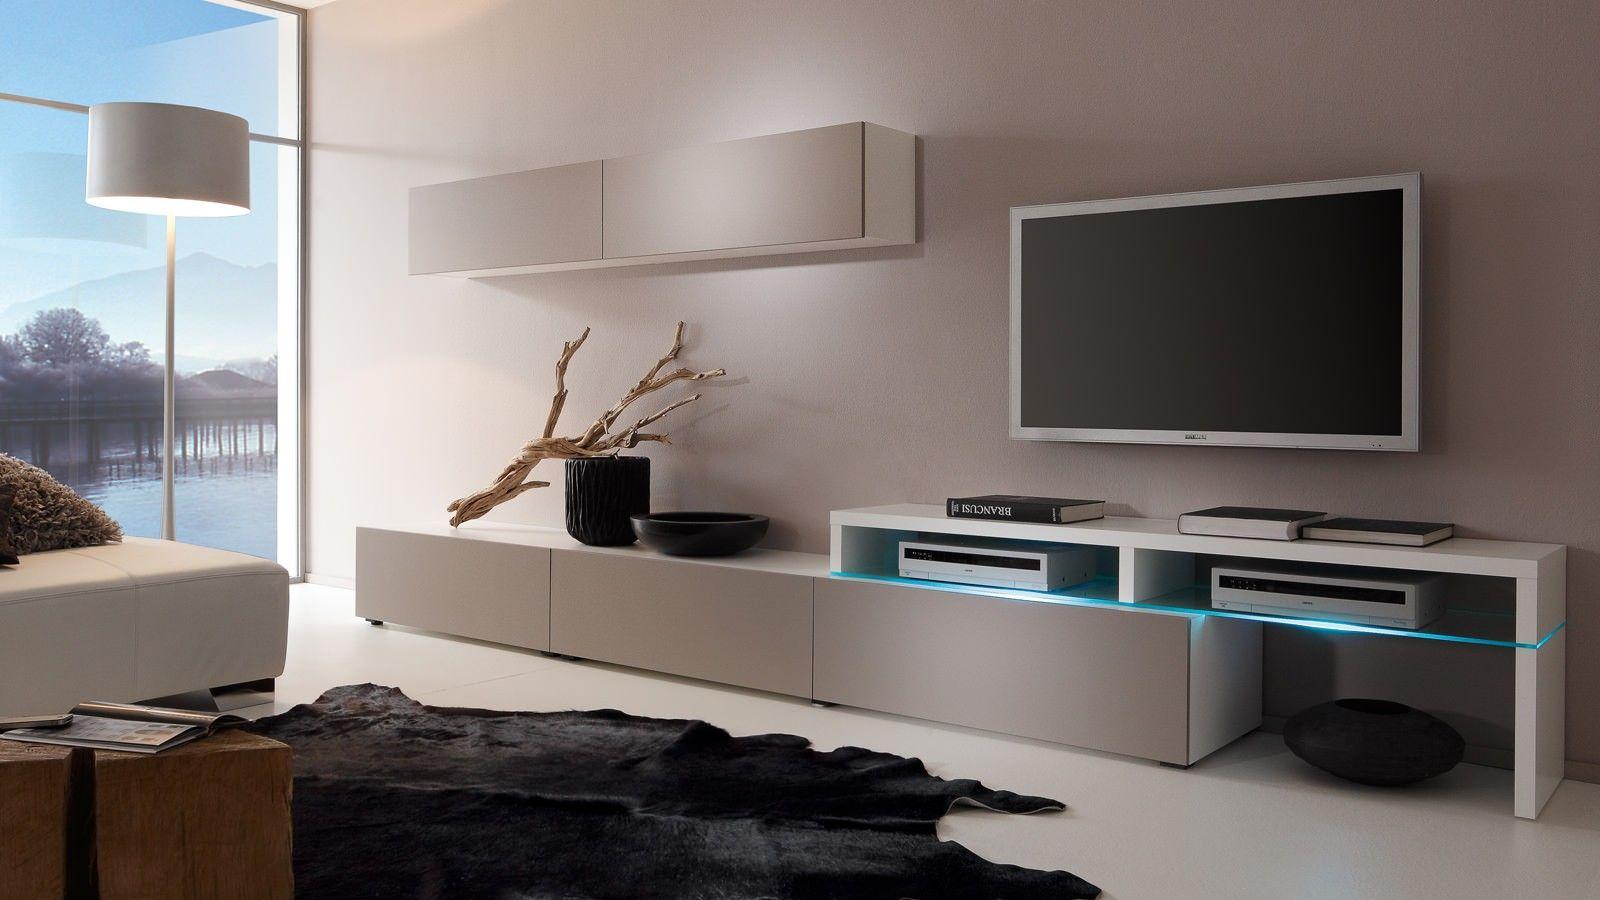 wohnwand patricia modernes ambiente im wohnzimmer livingroom wohnzimmer living room. Black Bedroom Furniture Sets. Home Design Ideas